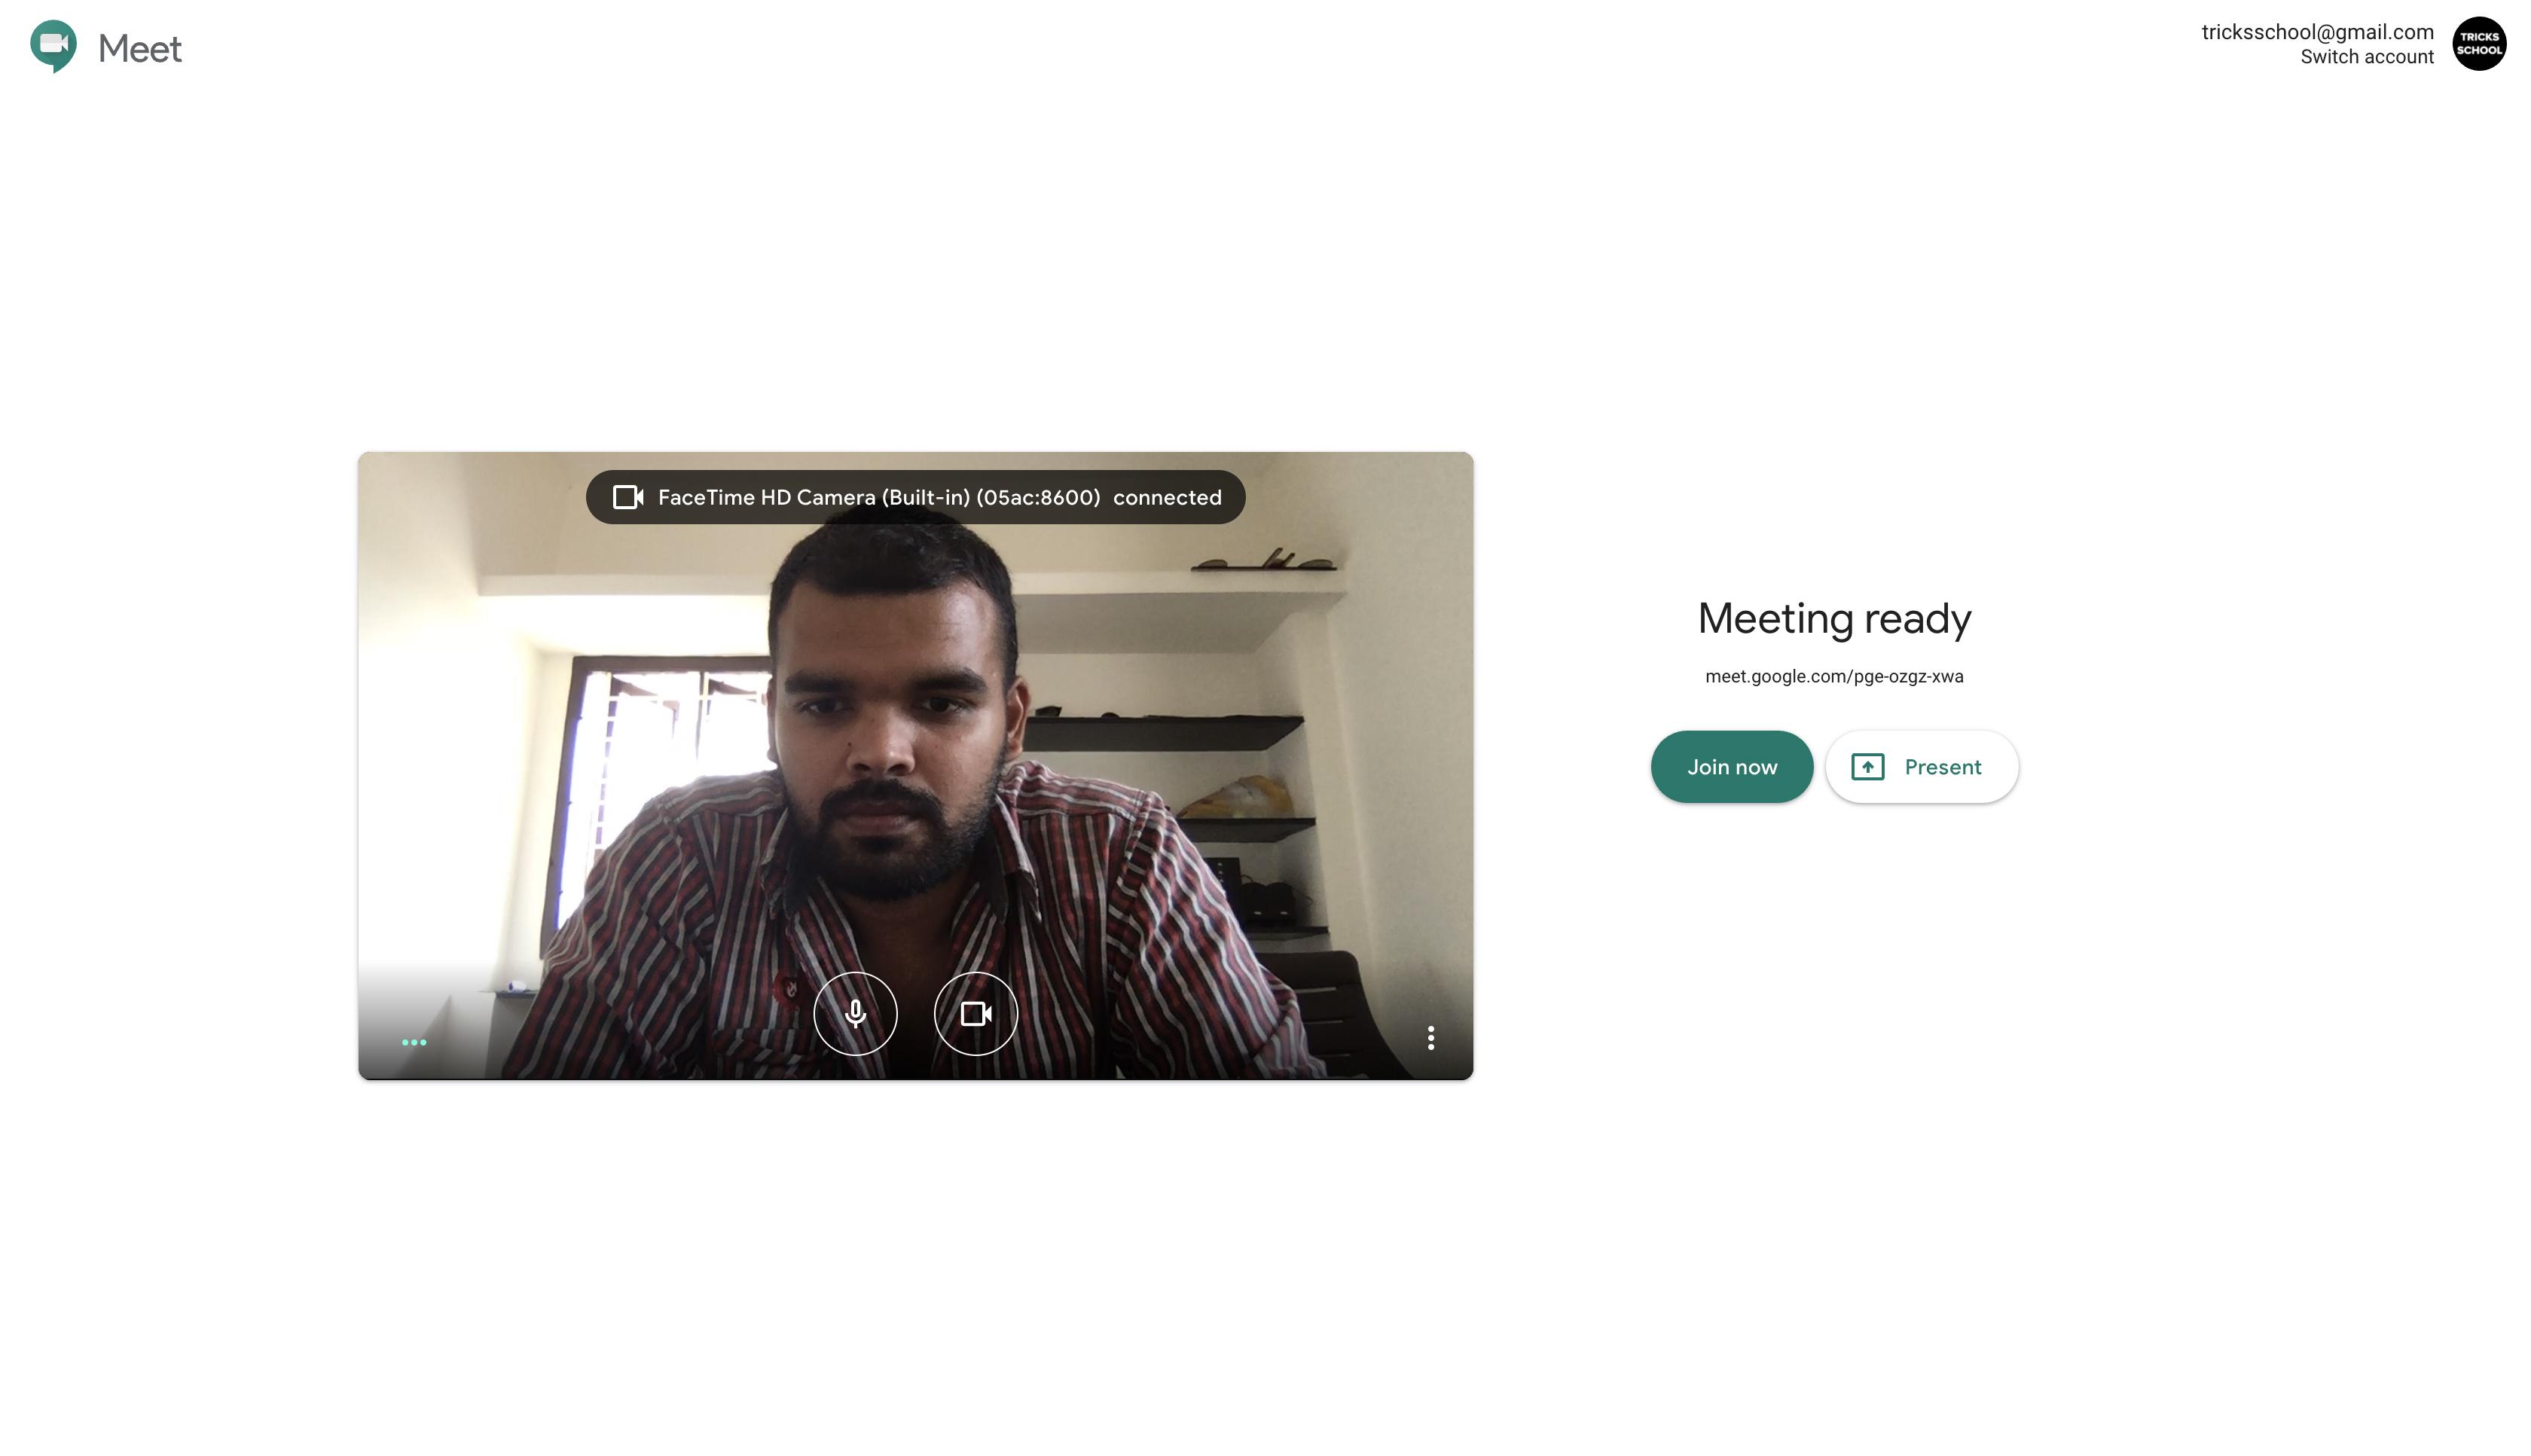 Google Meet start call